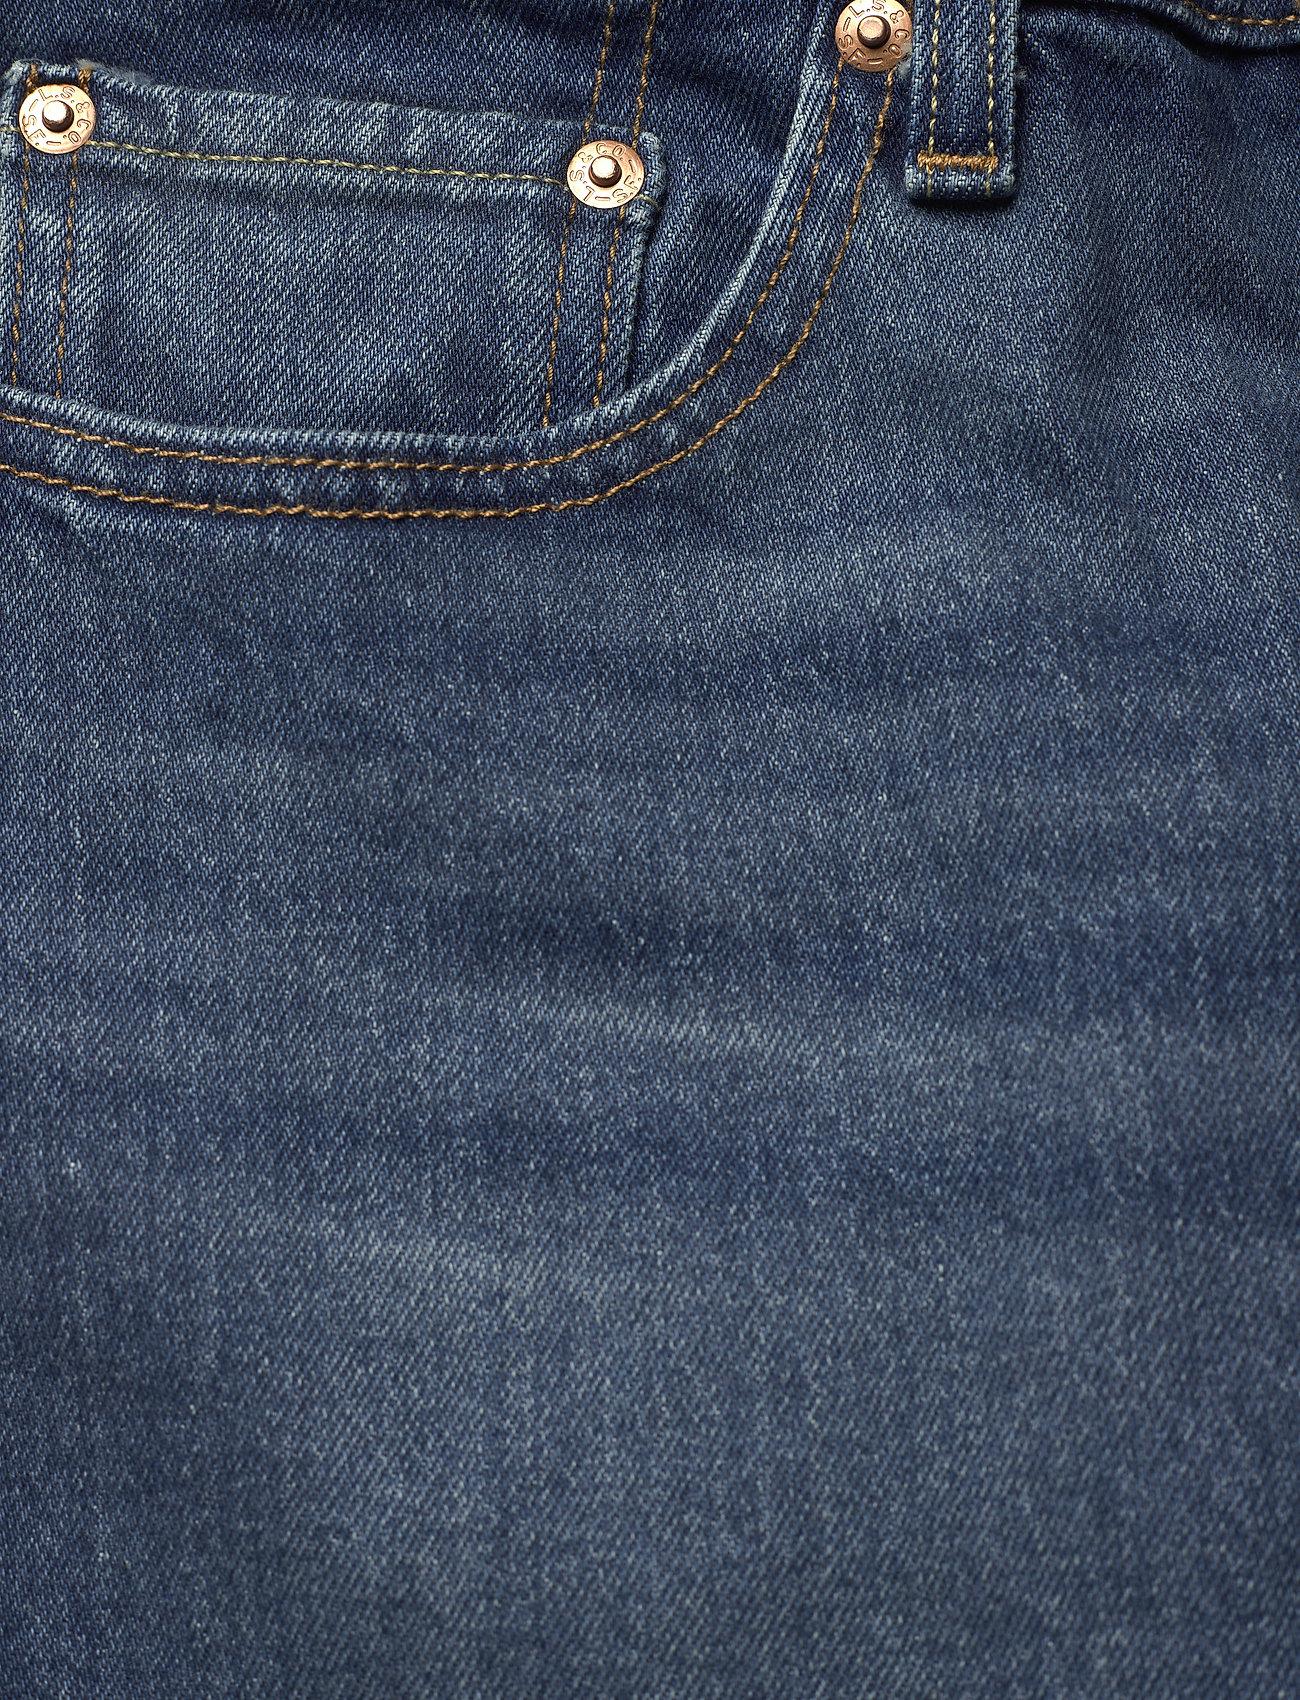 LEVI´S Women - 501 CROP SALSA CHARLESTON OUTL - straight regular - dark indigo - worn in - 2